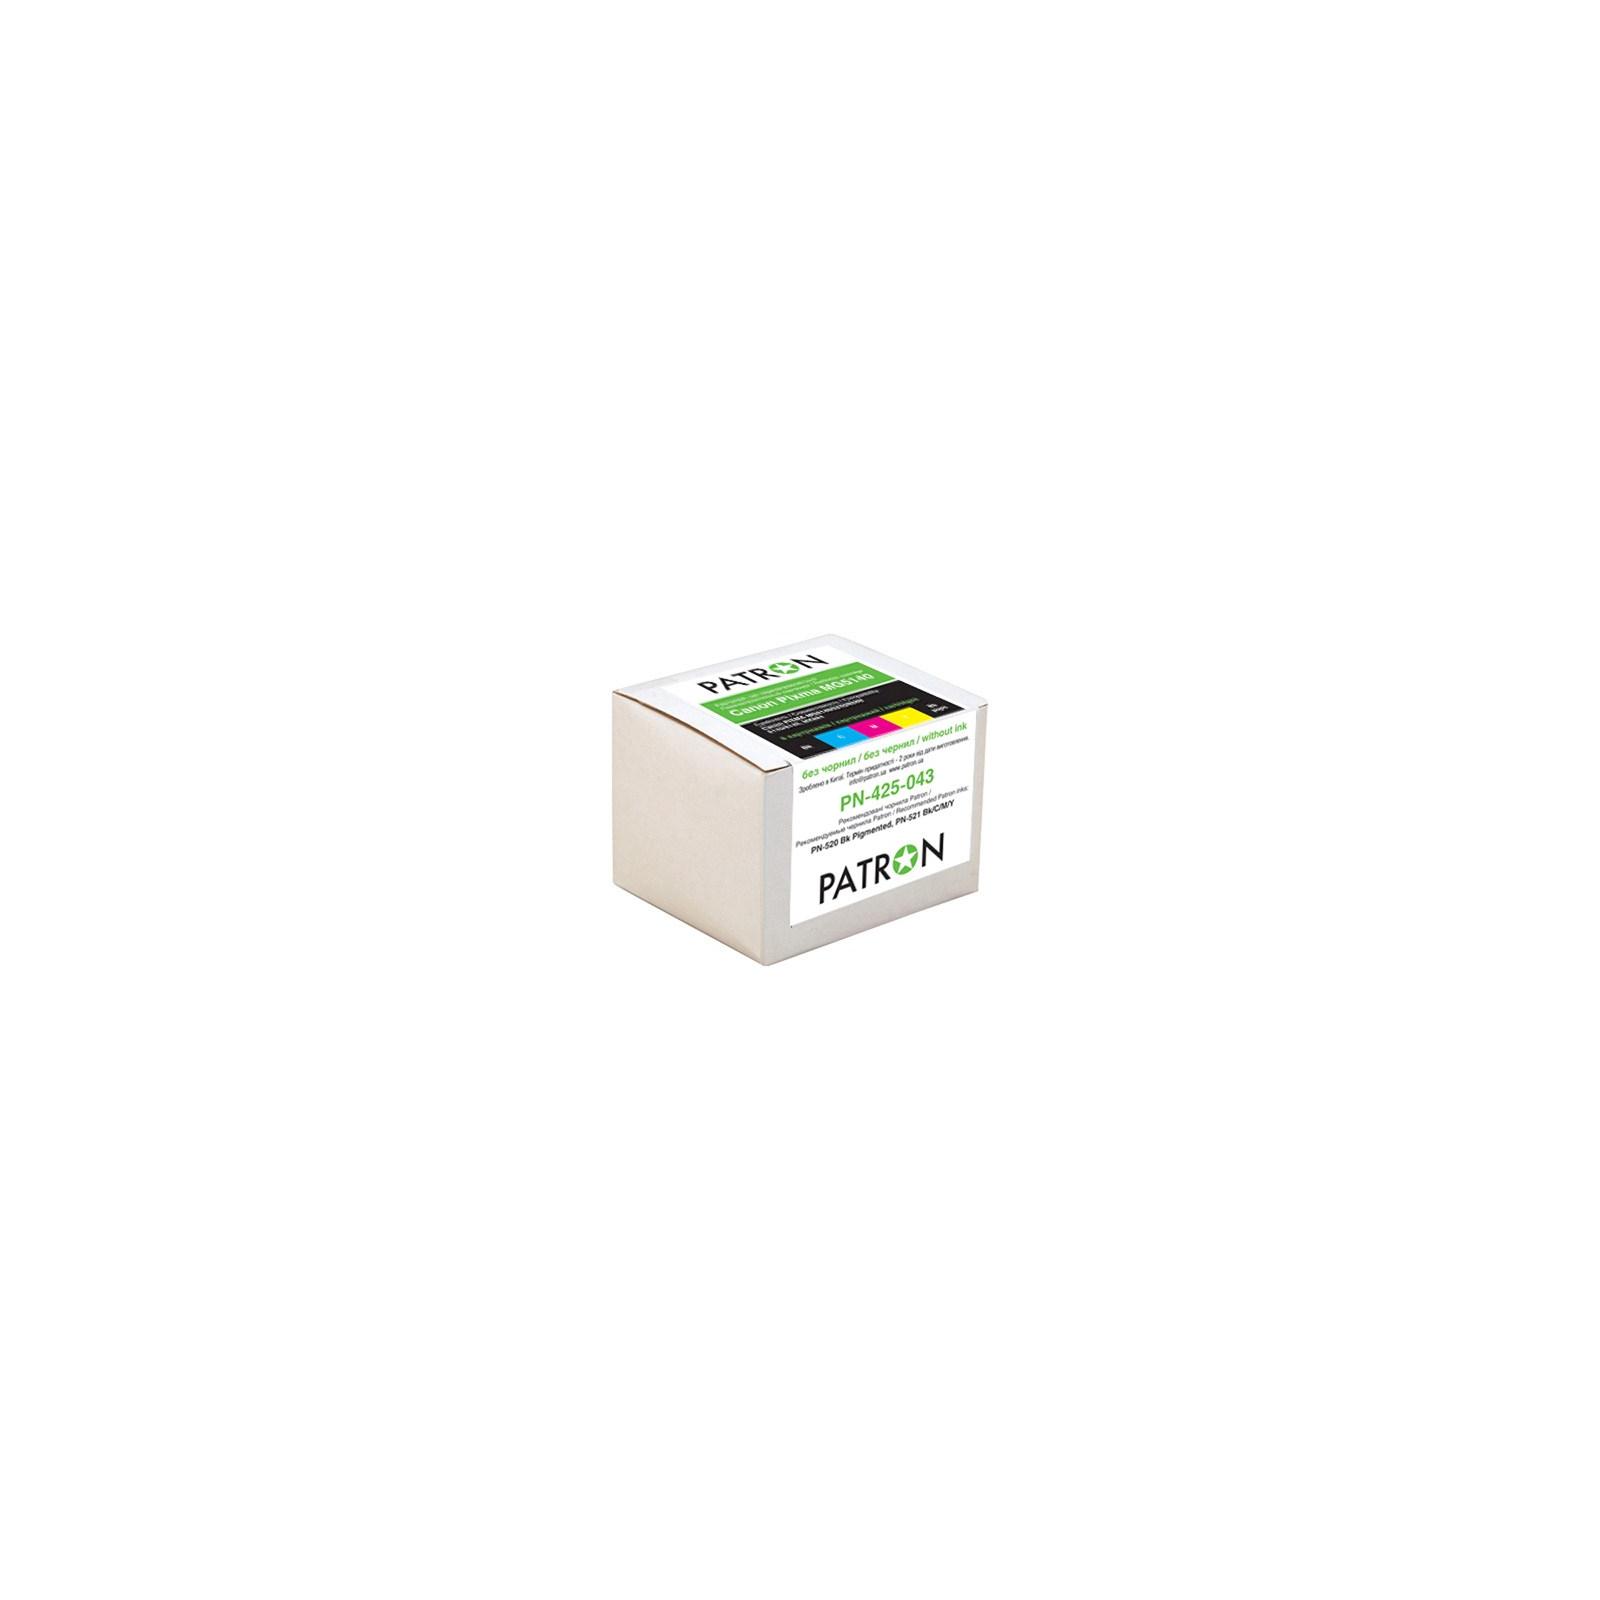 Комплект перезаправляемых картриджей PATRON CANON PIXMA MG5140 (5шт) (CIR-PN-CPGI425C-044)